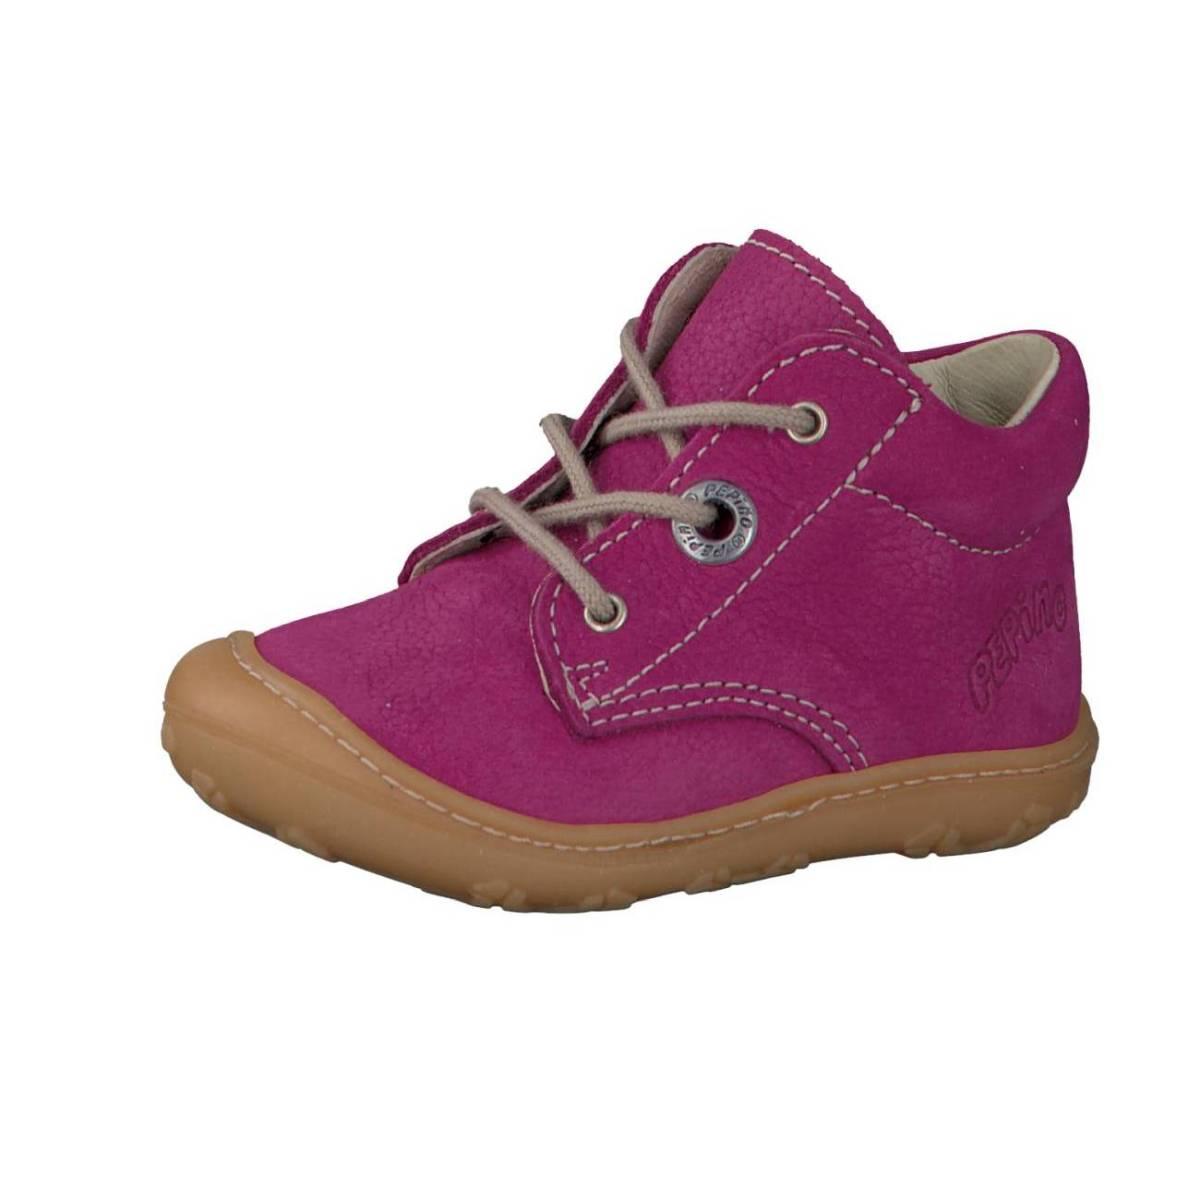 Ricosta Pepino Cory lila pop Lauflernschuhe Stiefelchen Boots Jungen Mädchen